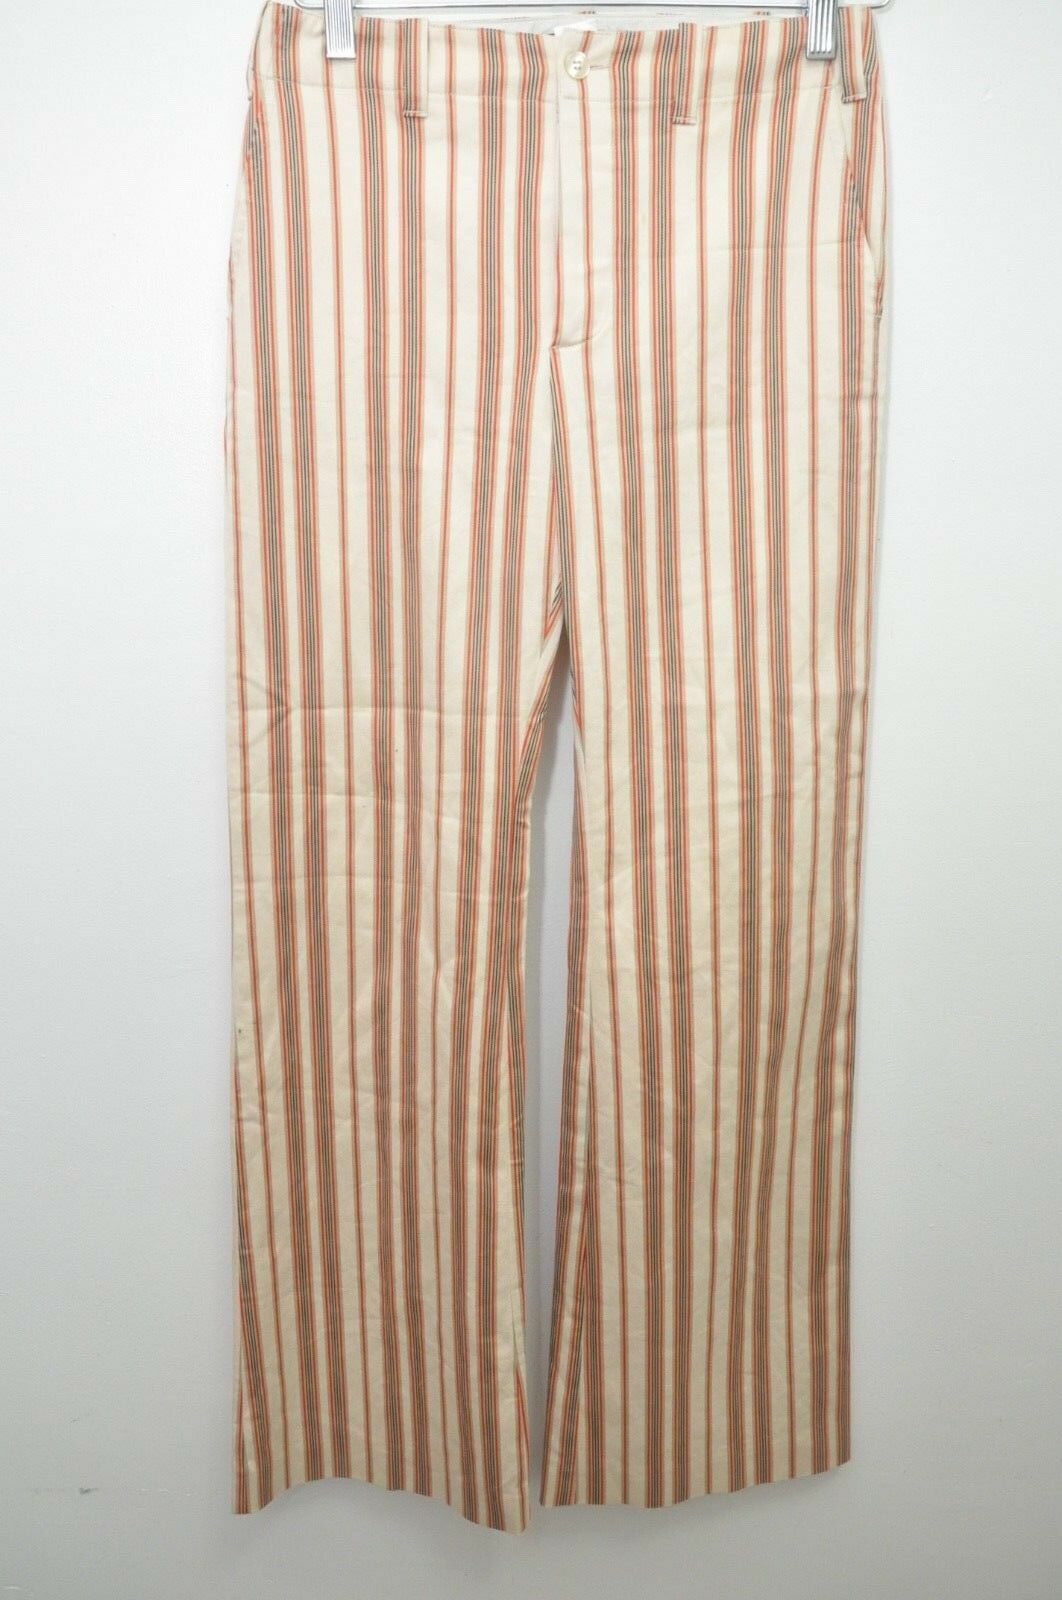 damen JOSEPH Multi-Farbe Striped Stiefelcut Pants France Größe XS 27X31